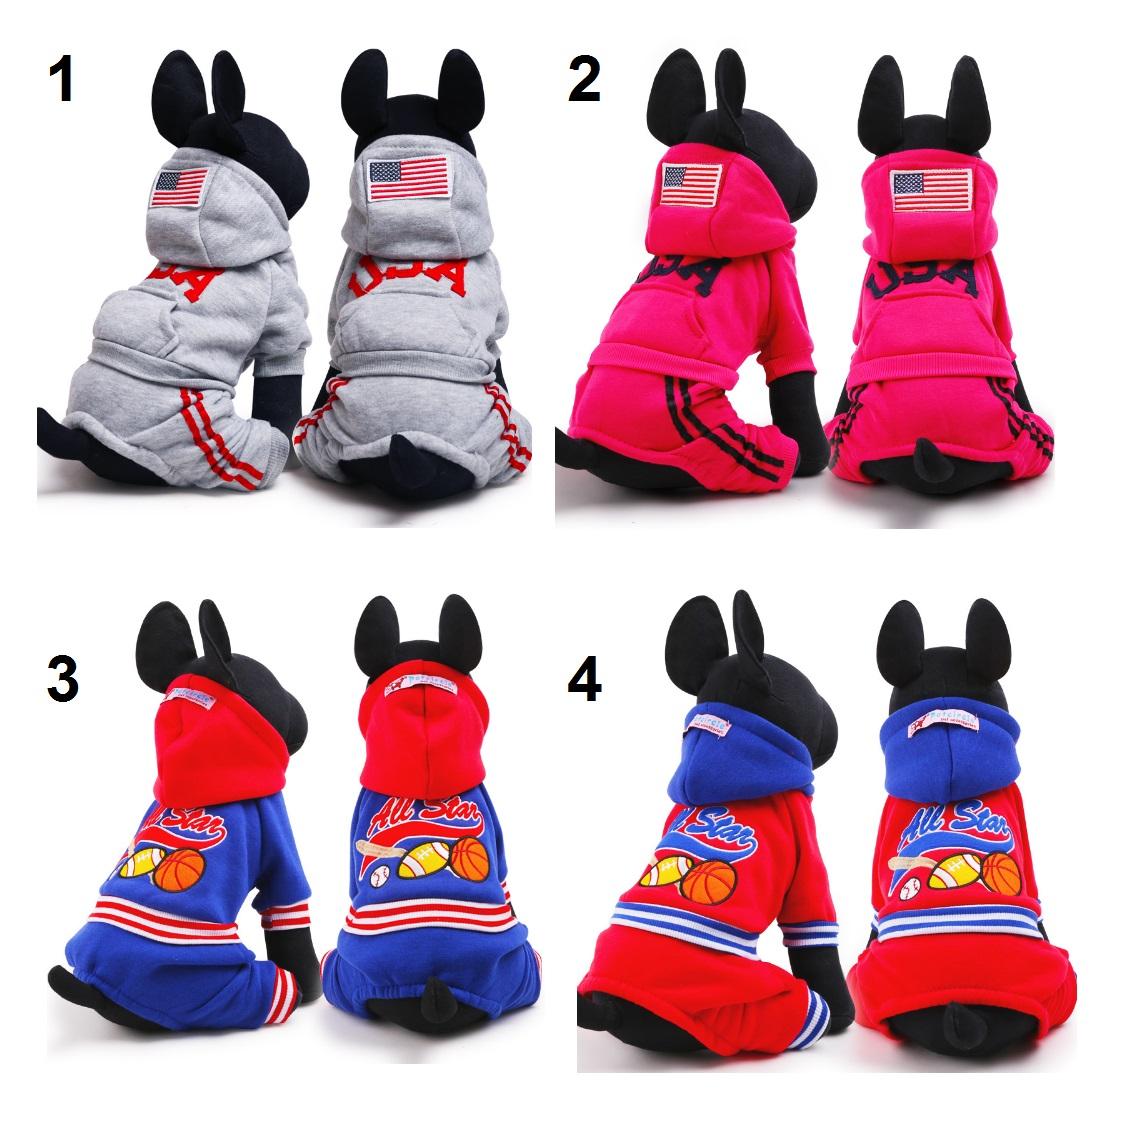 Sportovní oblečení pro psy / dnk-13-00077